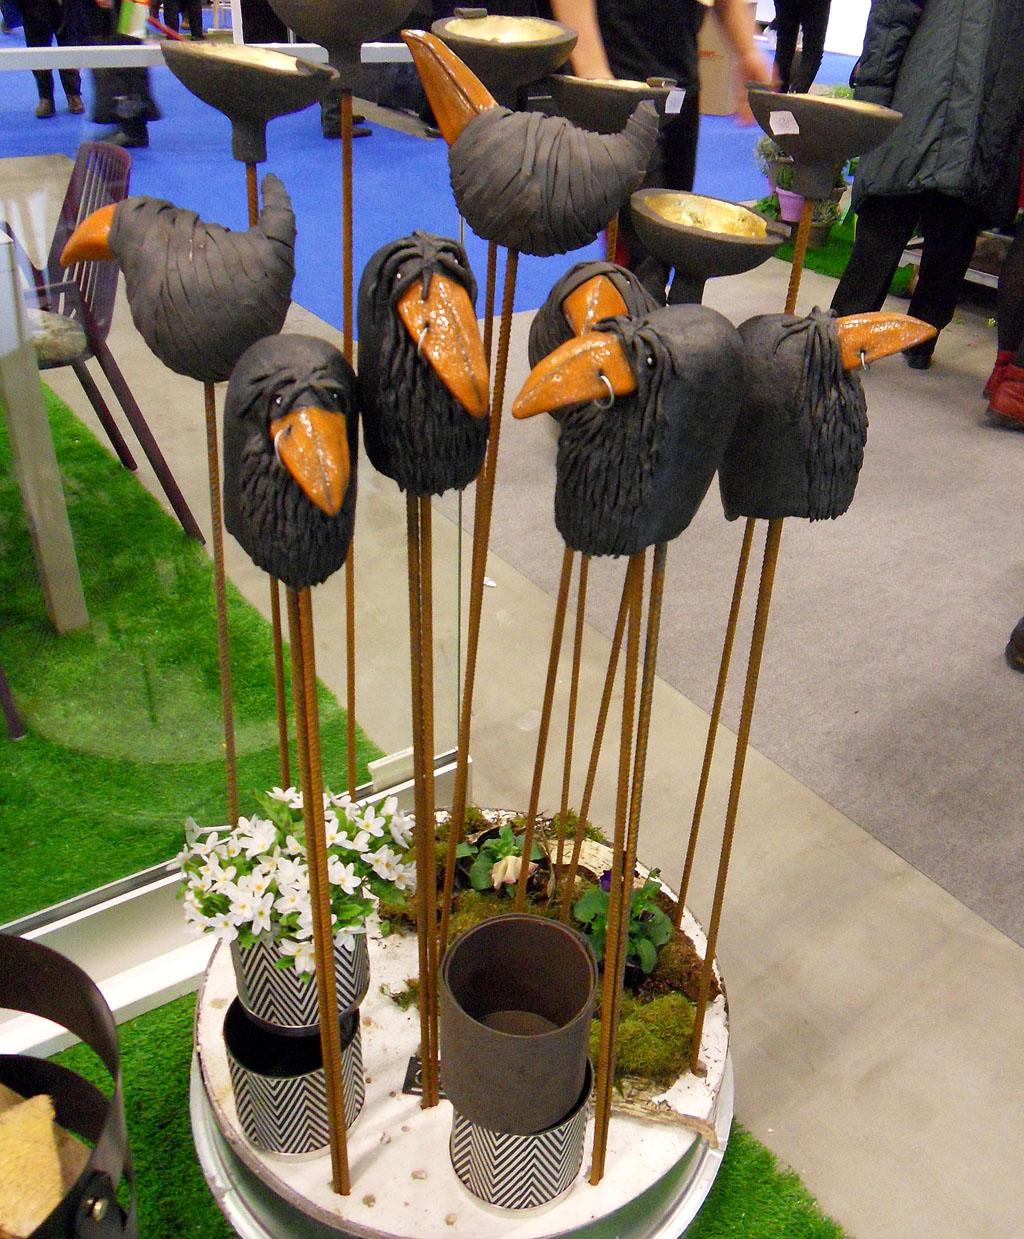 keramikfaglar_malmomassan_1024x1239.jpg